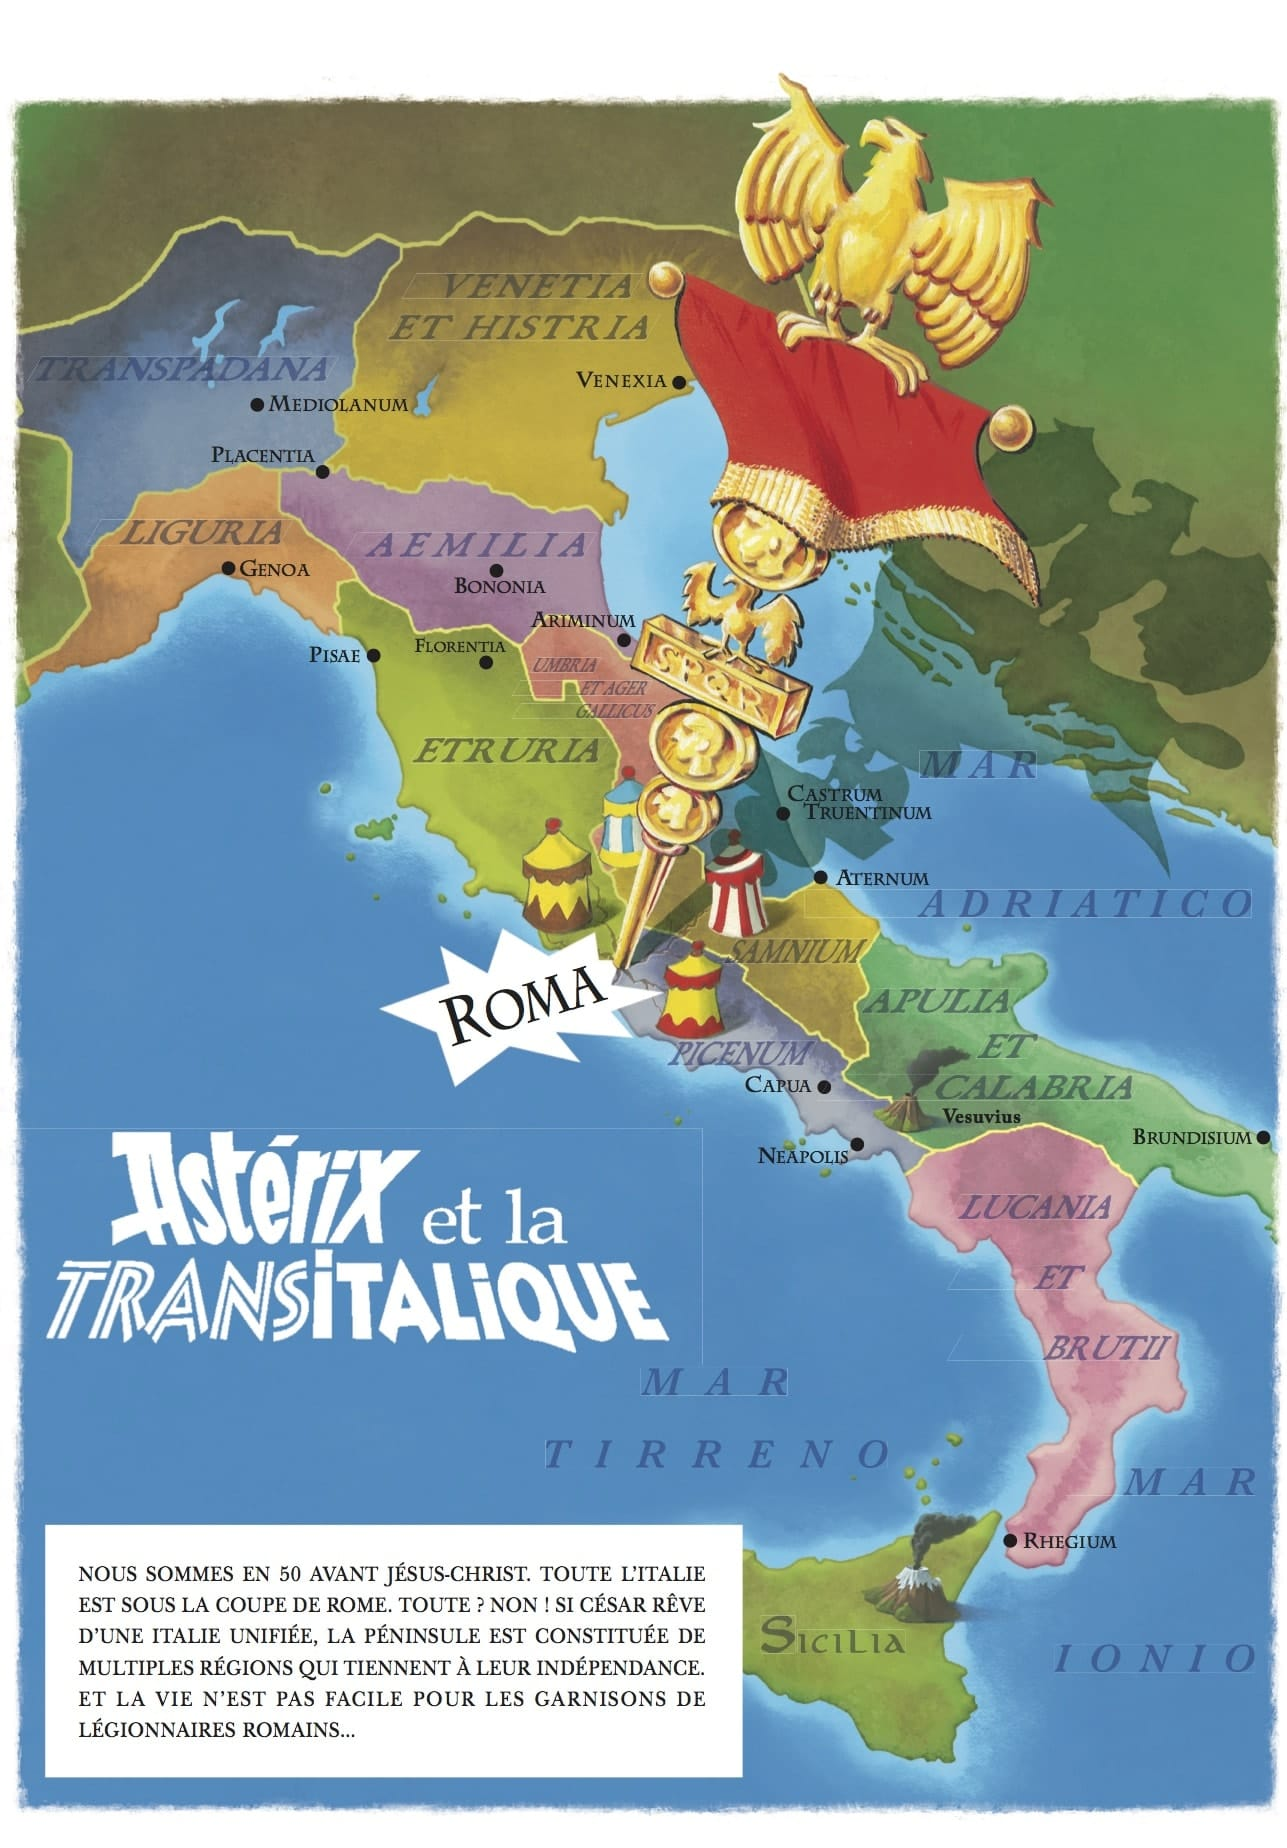 Astérix et la Transitalique image Carte-italie-FR